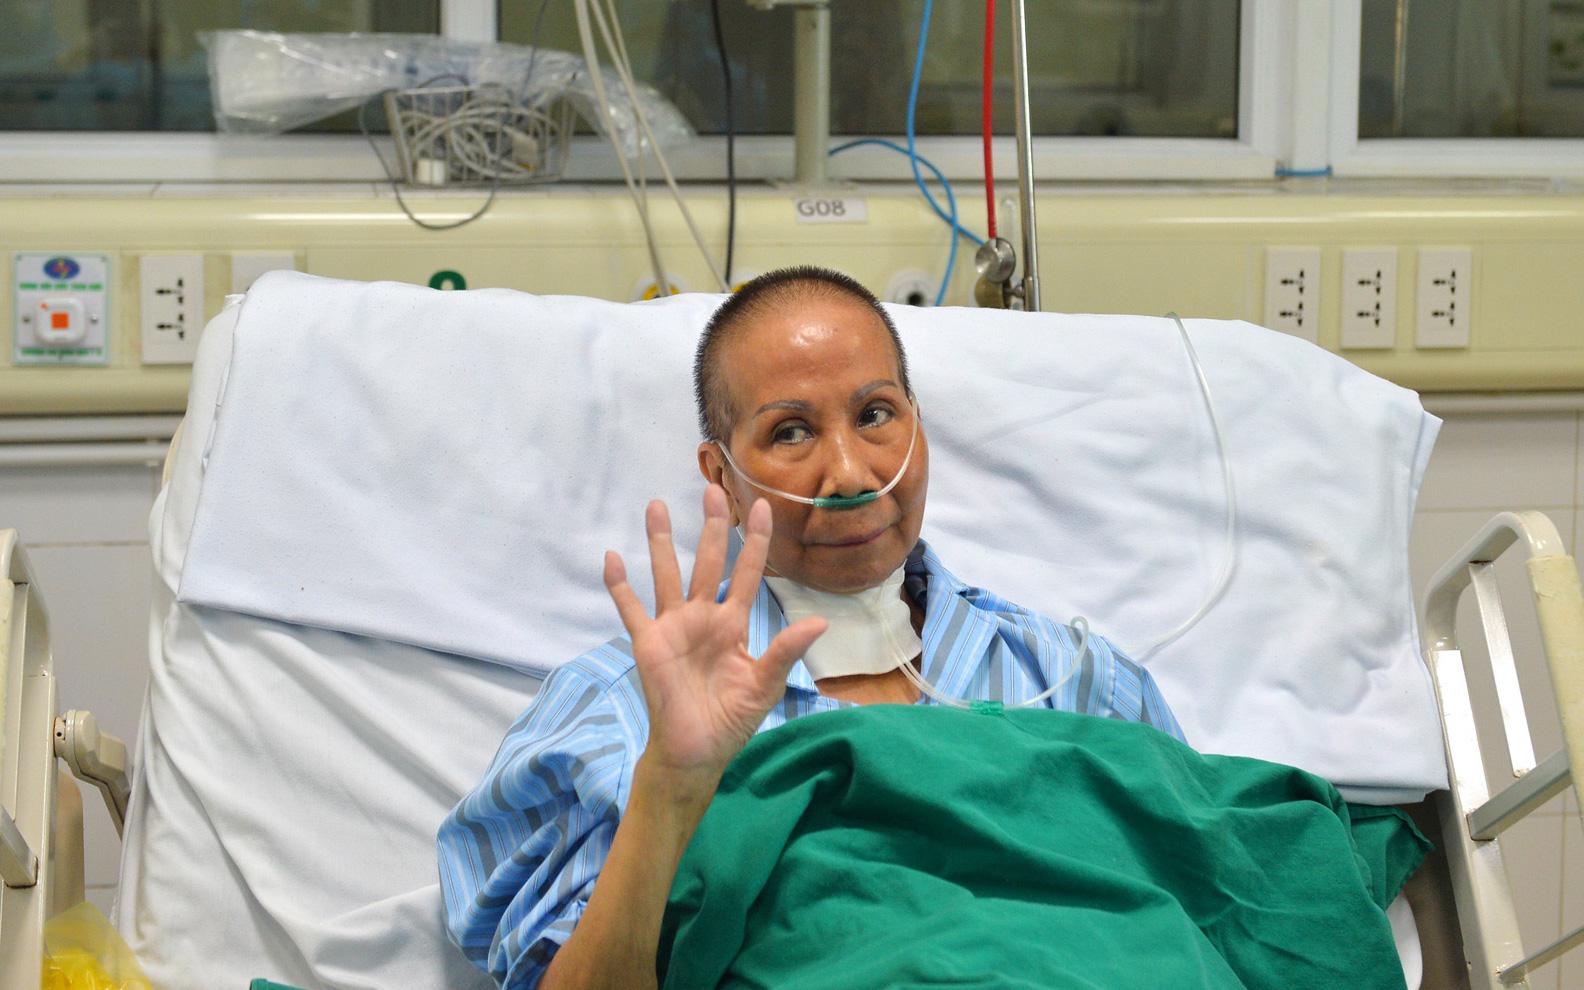 Tin vui: Bác gái bệnh nhân 17 được công bố khỏi Covid-19